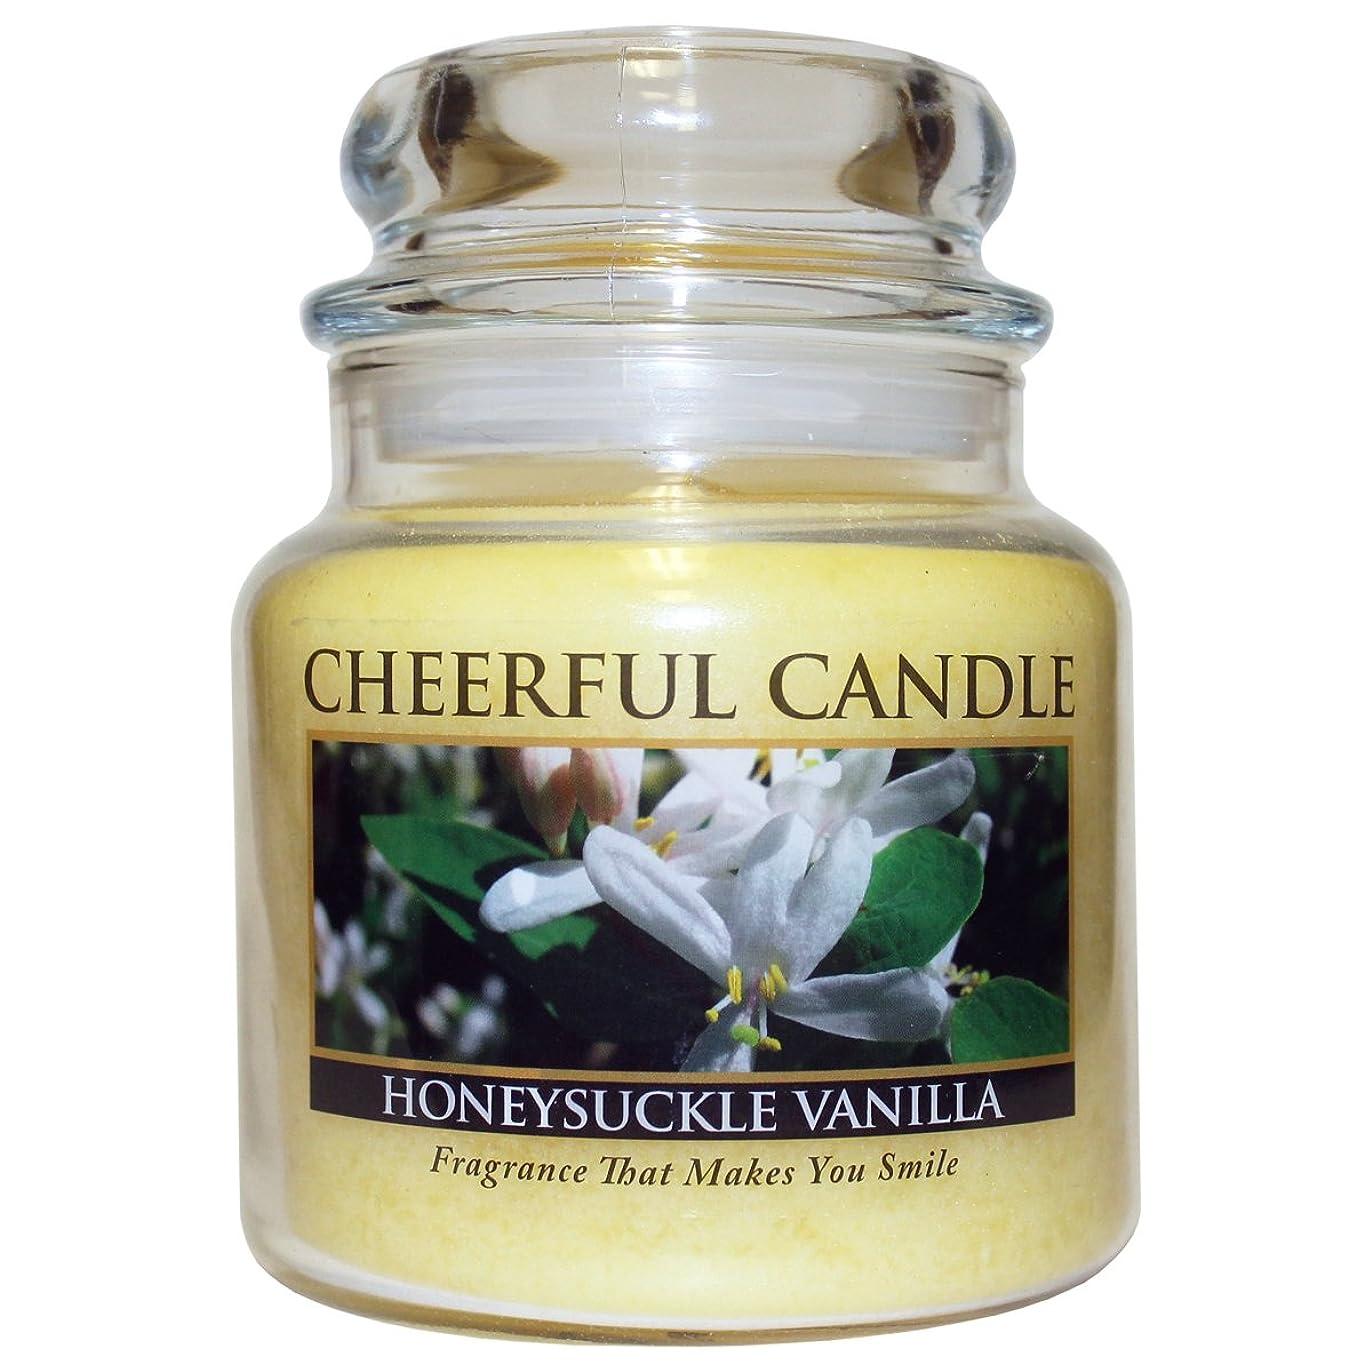 人道的おびえた妥協A Cheerful GiverスイカズラバニラJar Candle、473ml